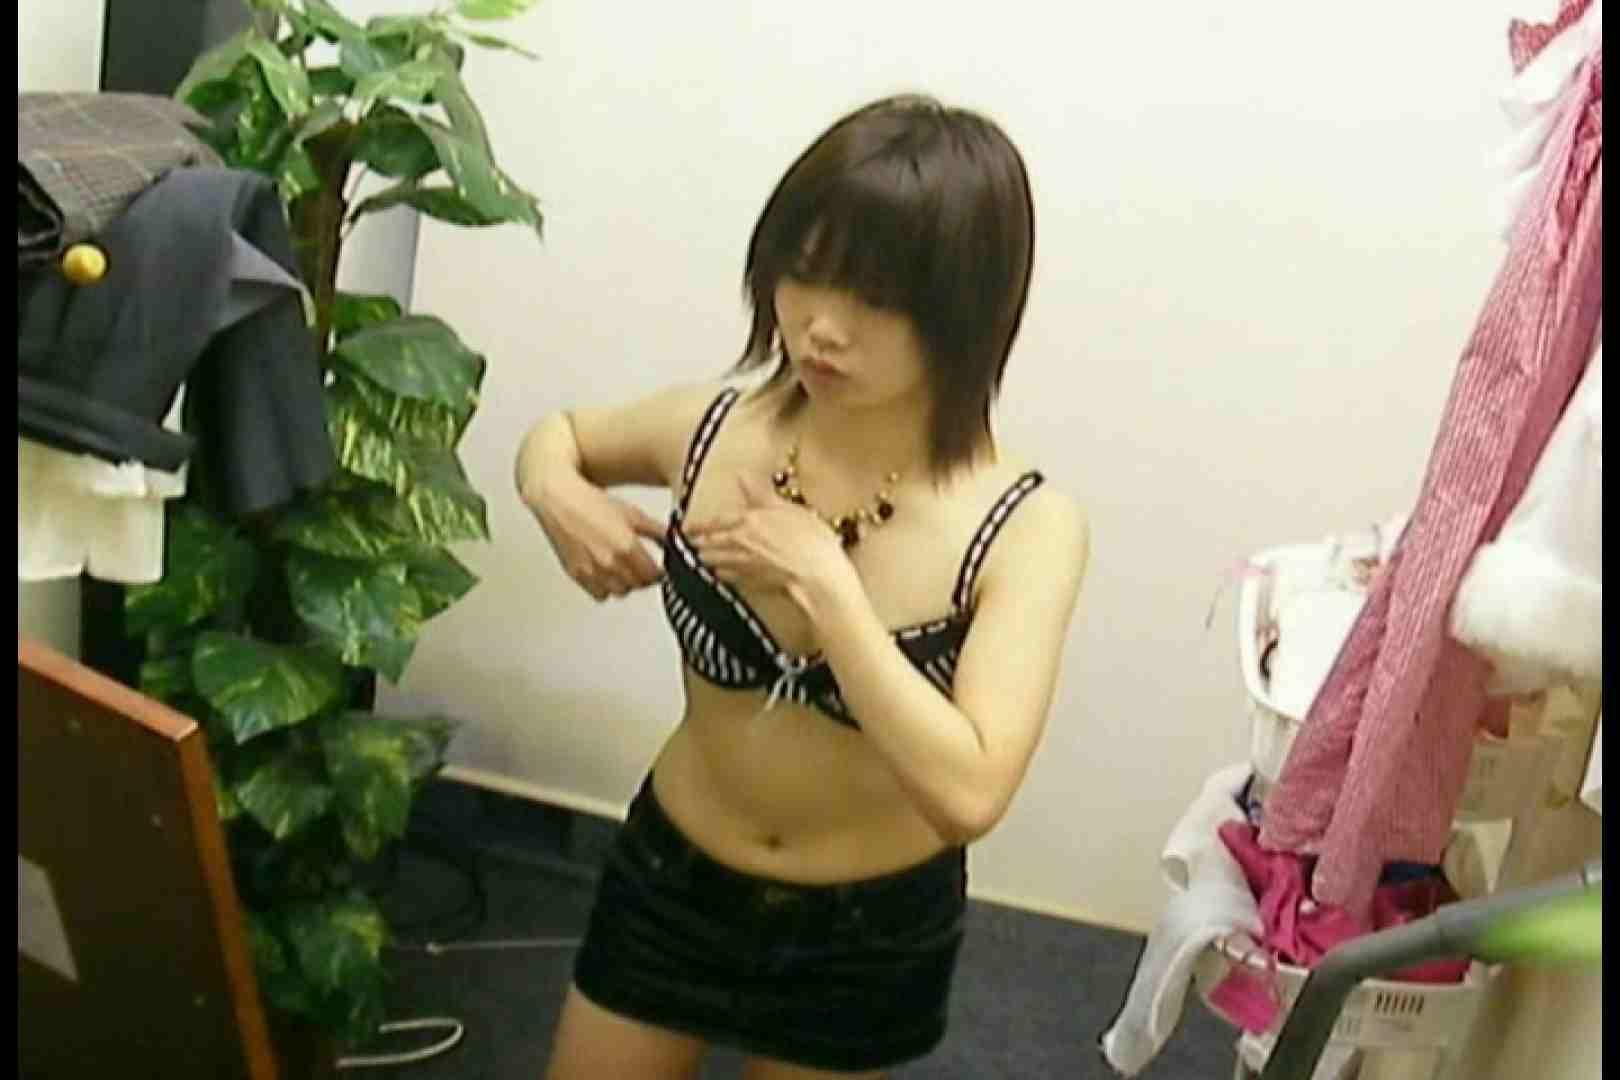 素人撮影 下着だけの撮影のはずが・・・仮名ゆき22歳 隠撮 女性器鑑賞 73pic 7